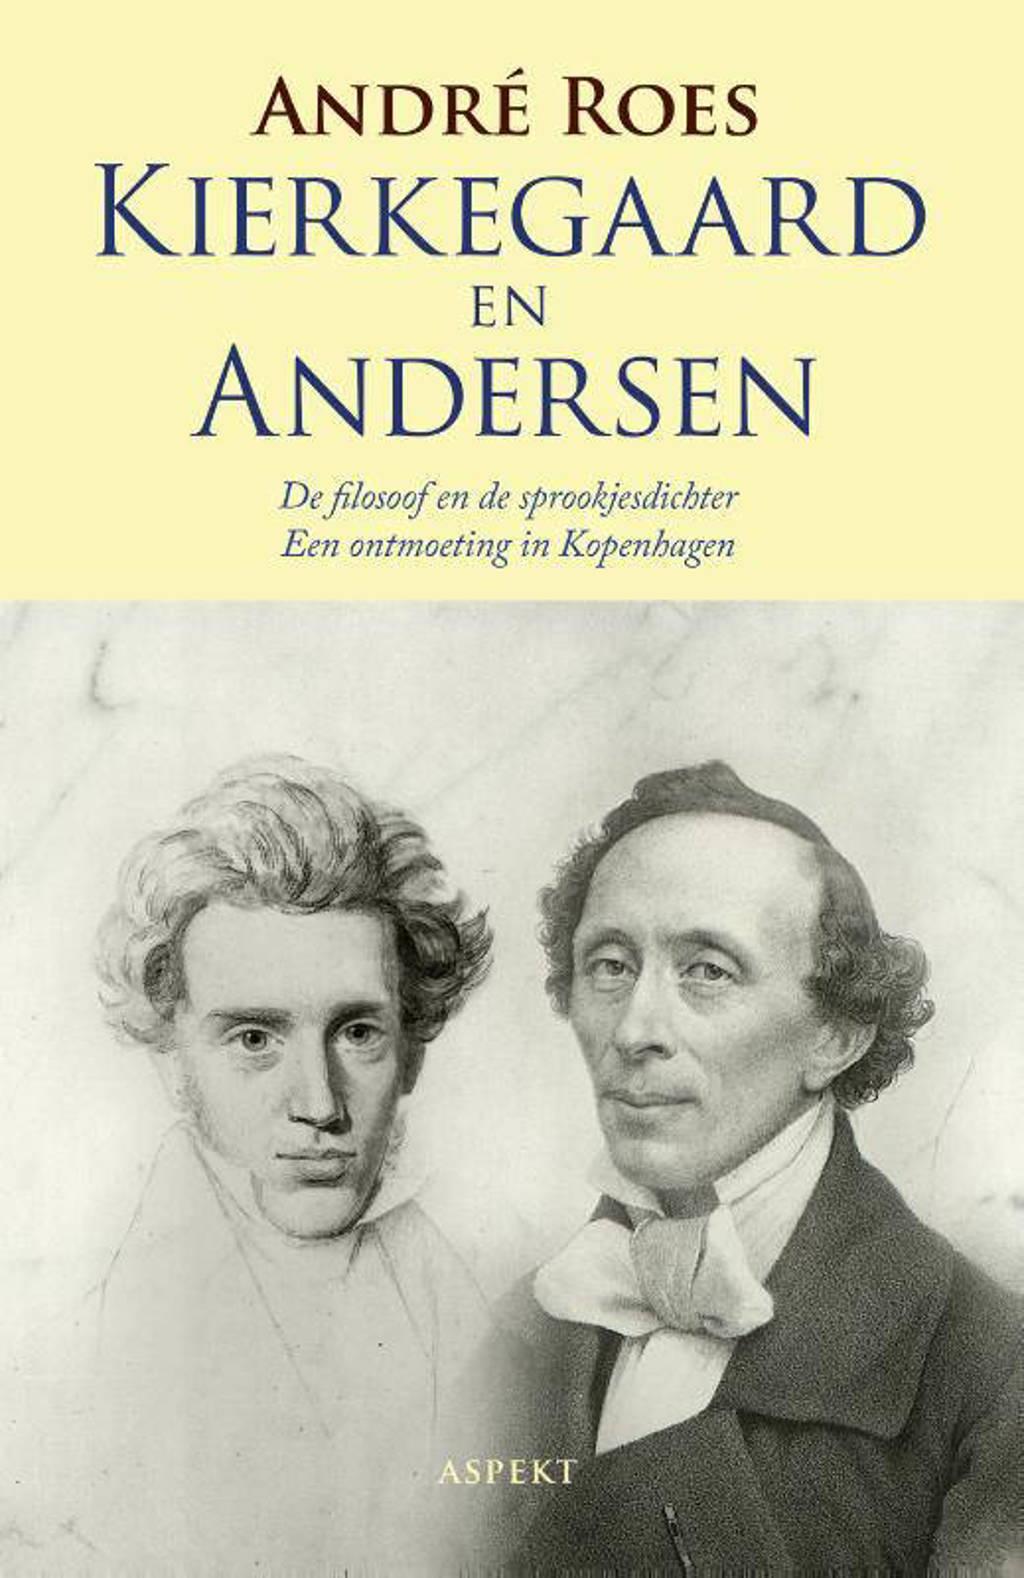 Kierkegaard en Anderson - André Roes